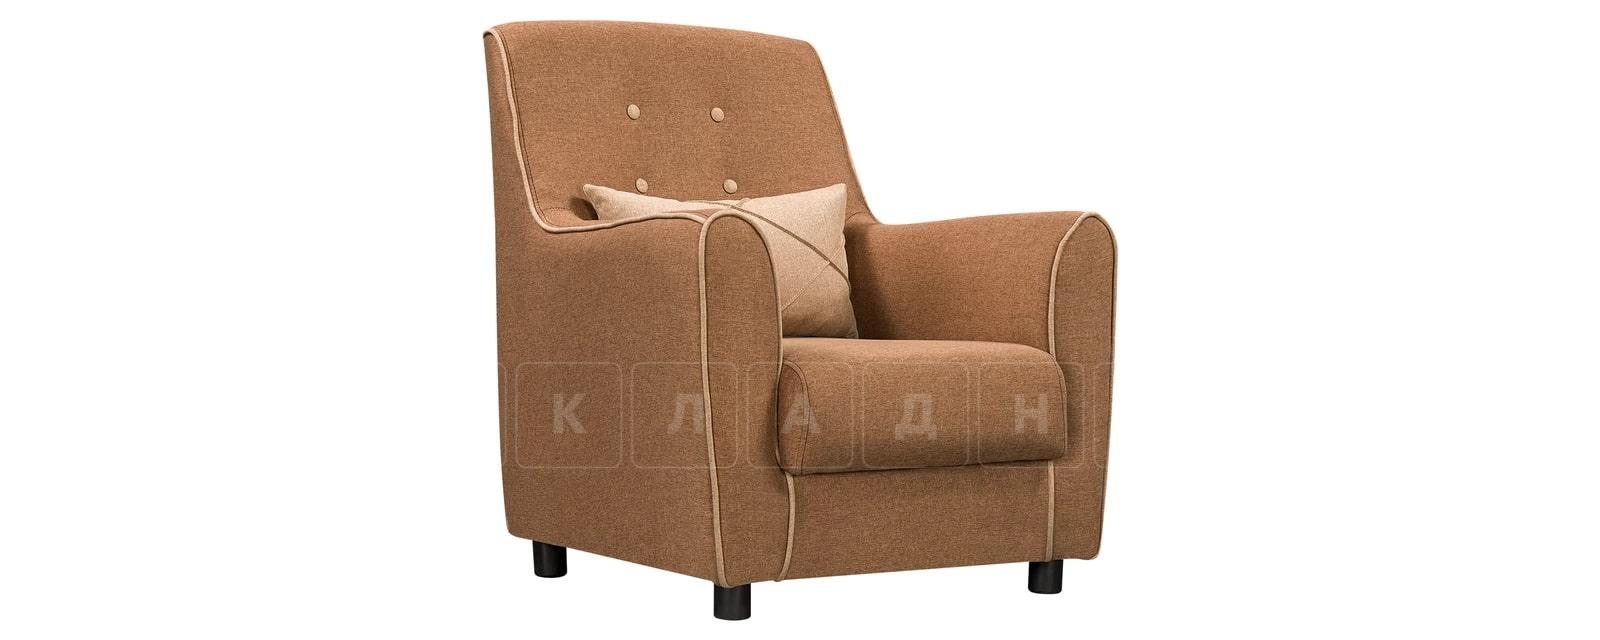 Кресло Флэтфорд рогожка коричневая с бежевым кантом фото 1 | интернет-магазин Складно